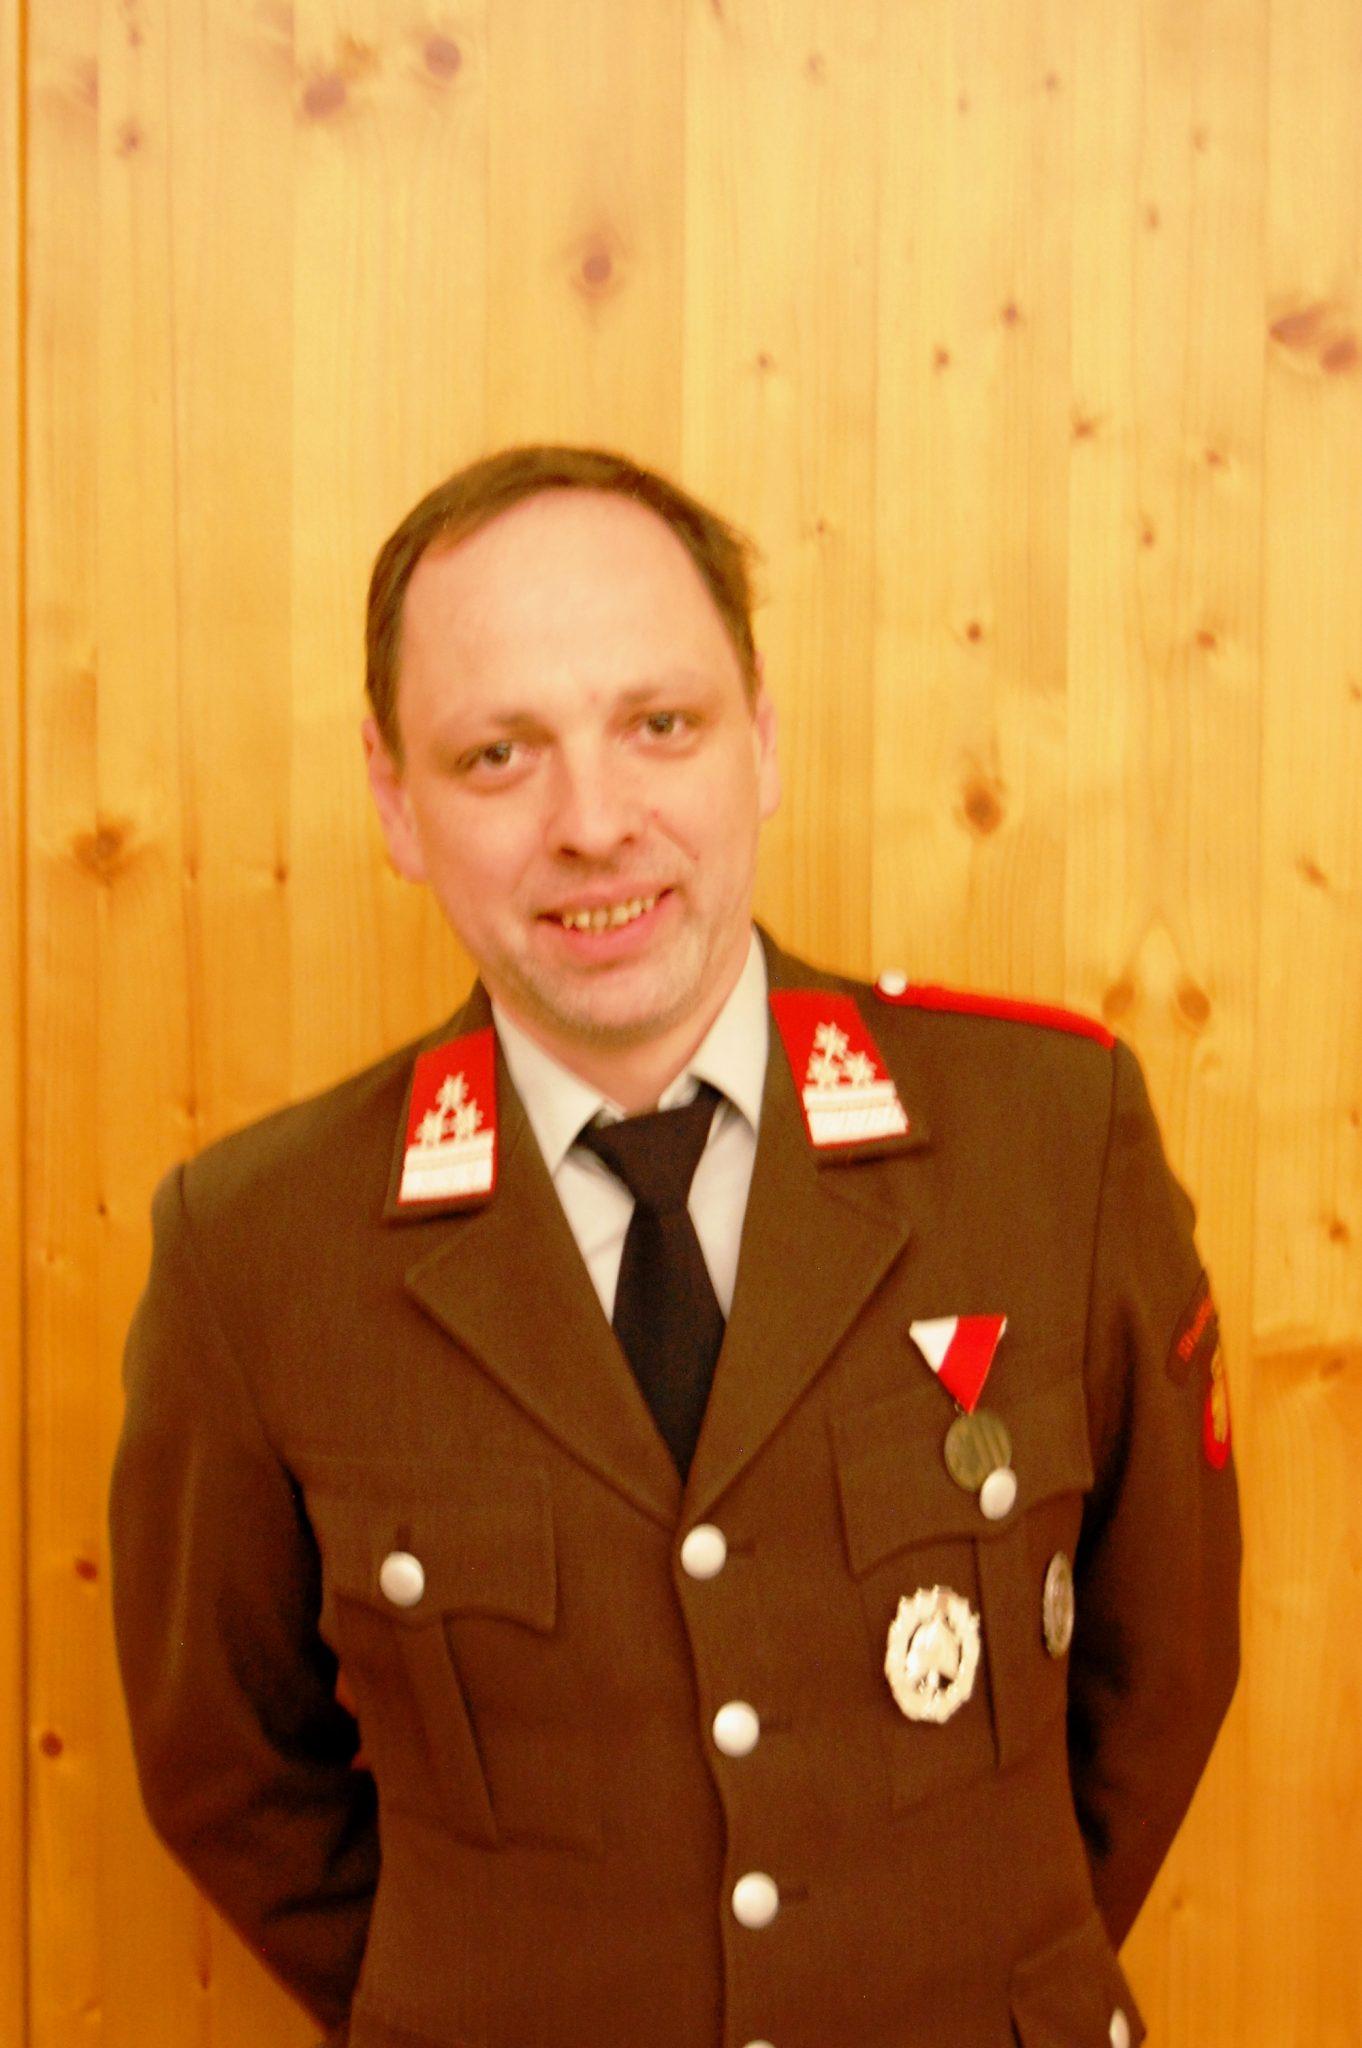 Profilbild von HBM Stefan Laglstorfer